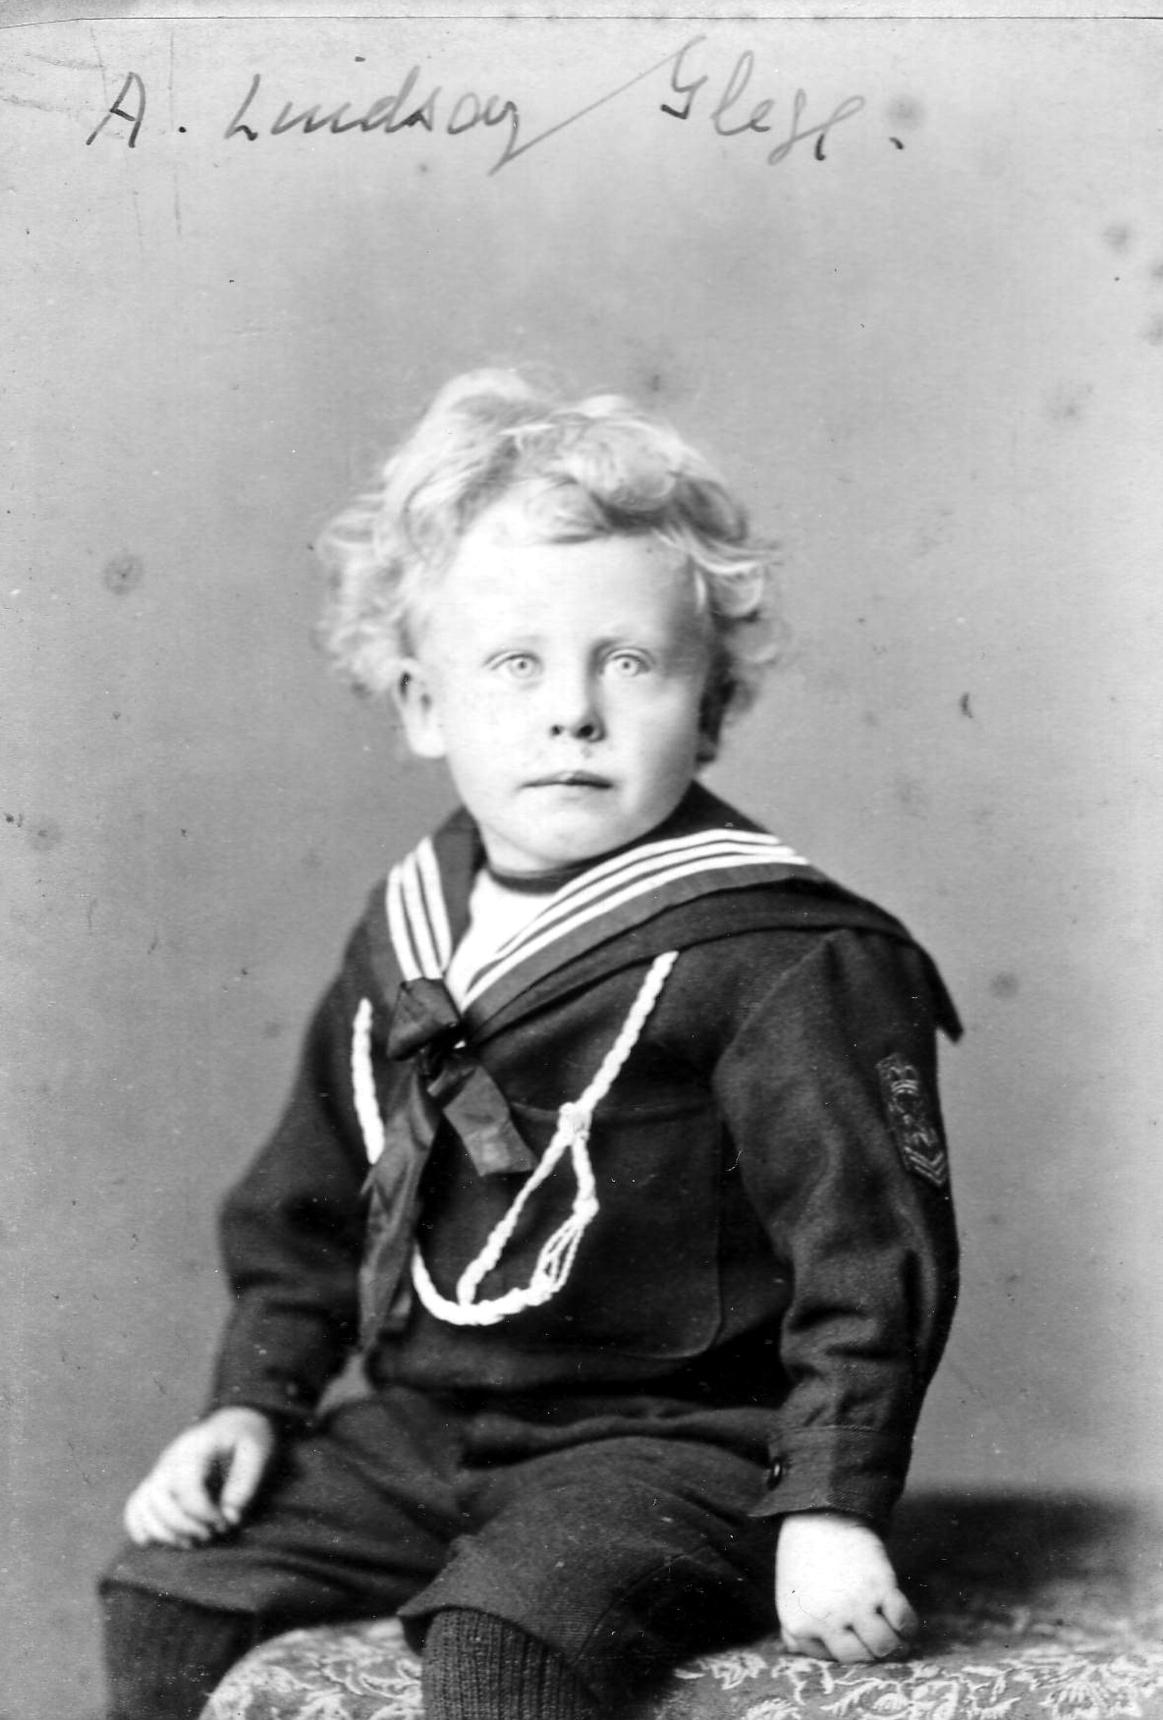 Studio Portrait Young Boy In Sailor Suit c.1887